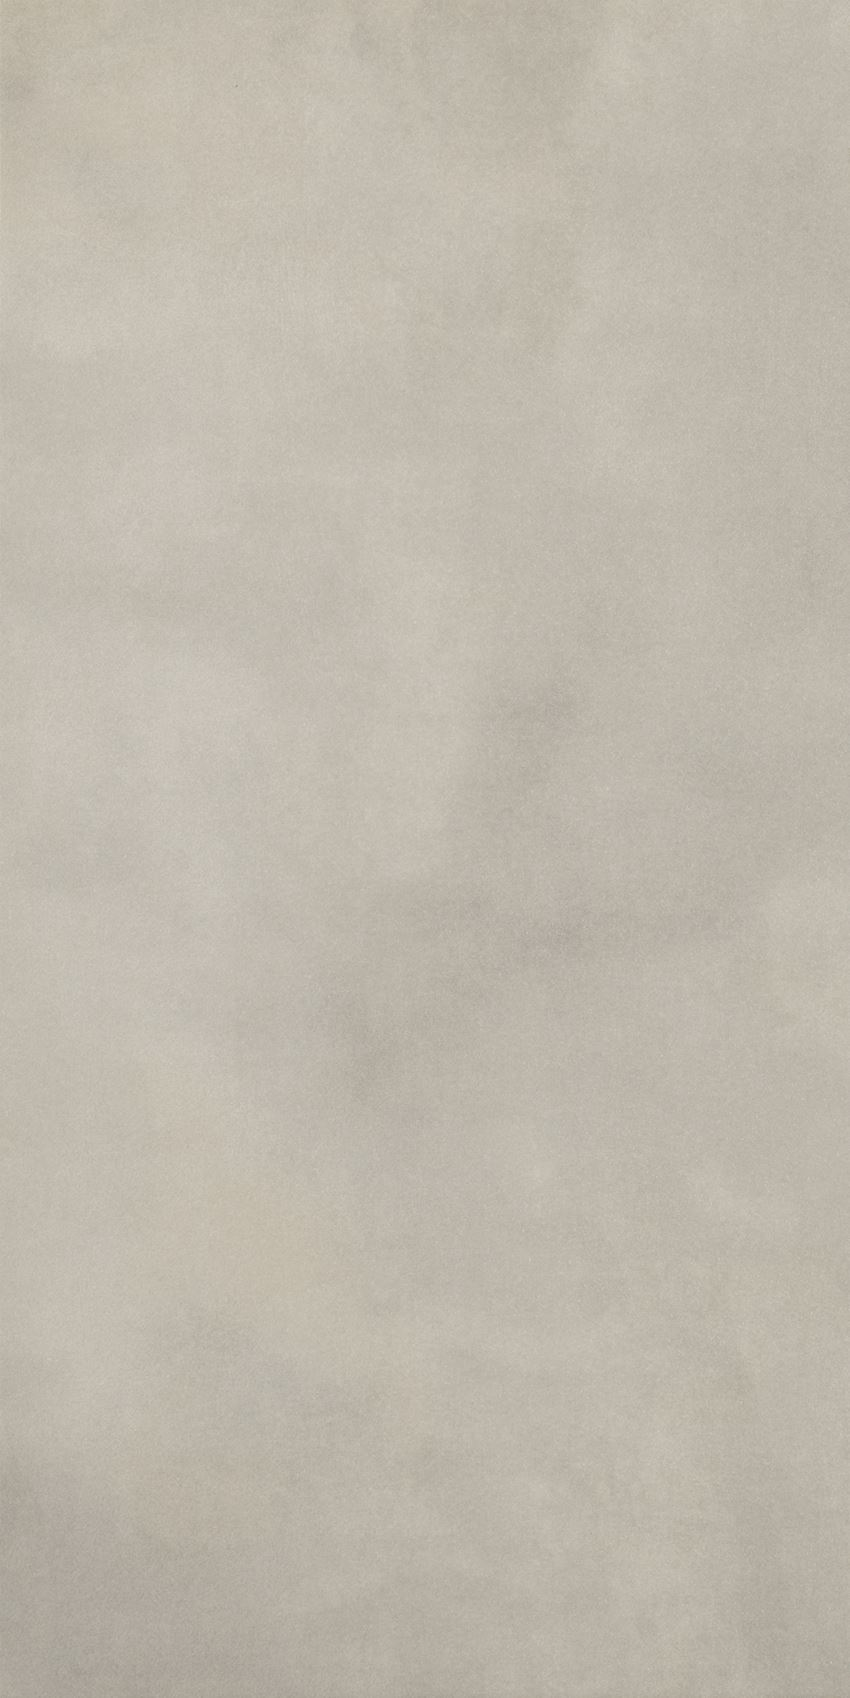 Płytka uniwersalna 29,8x59,8 cm Paradyż Tecniq Grys Gres Szkl. Rekt. Półpoler